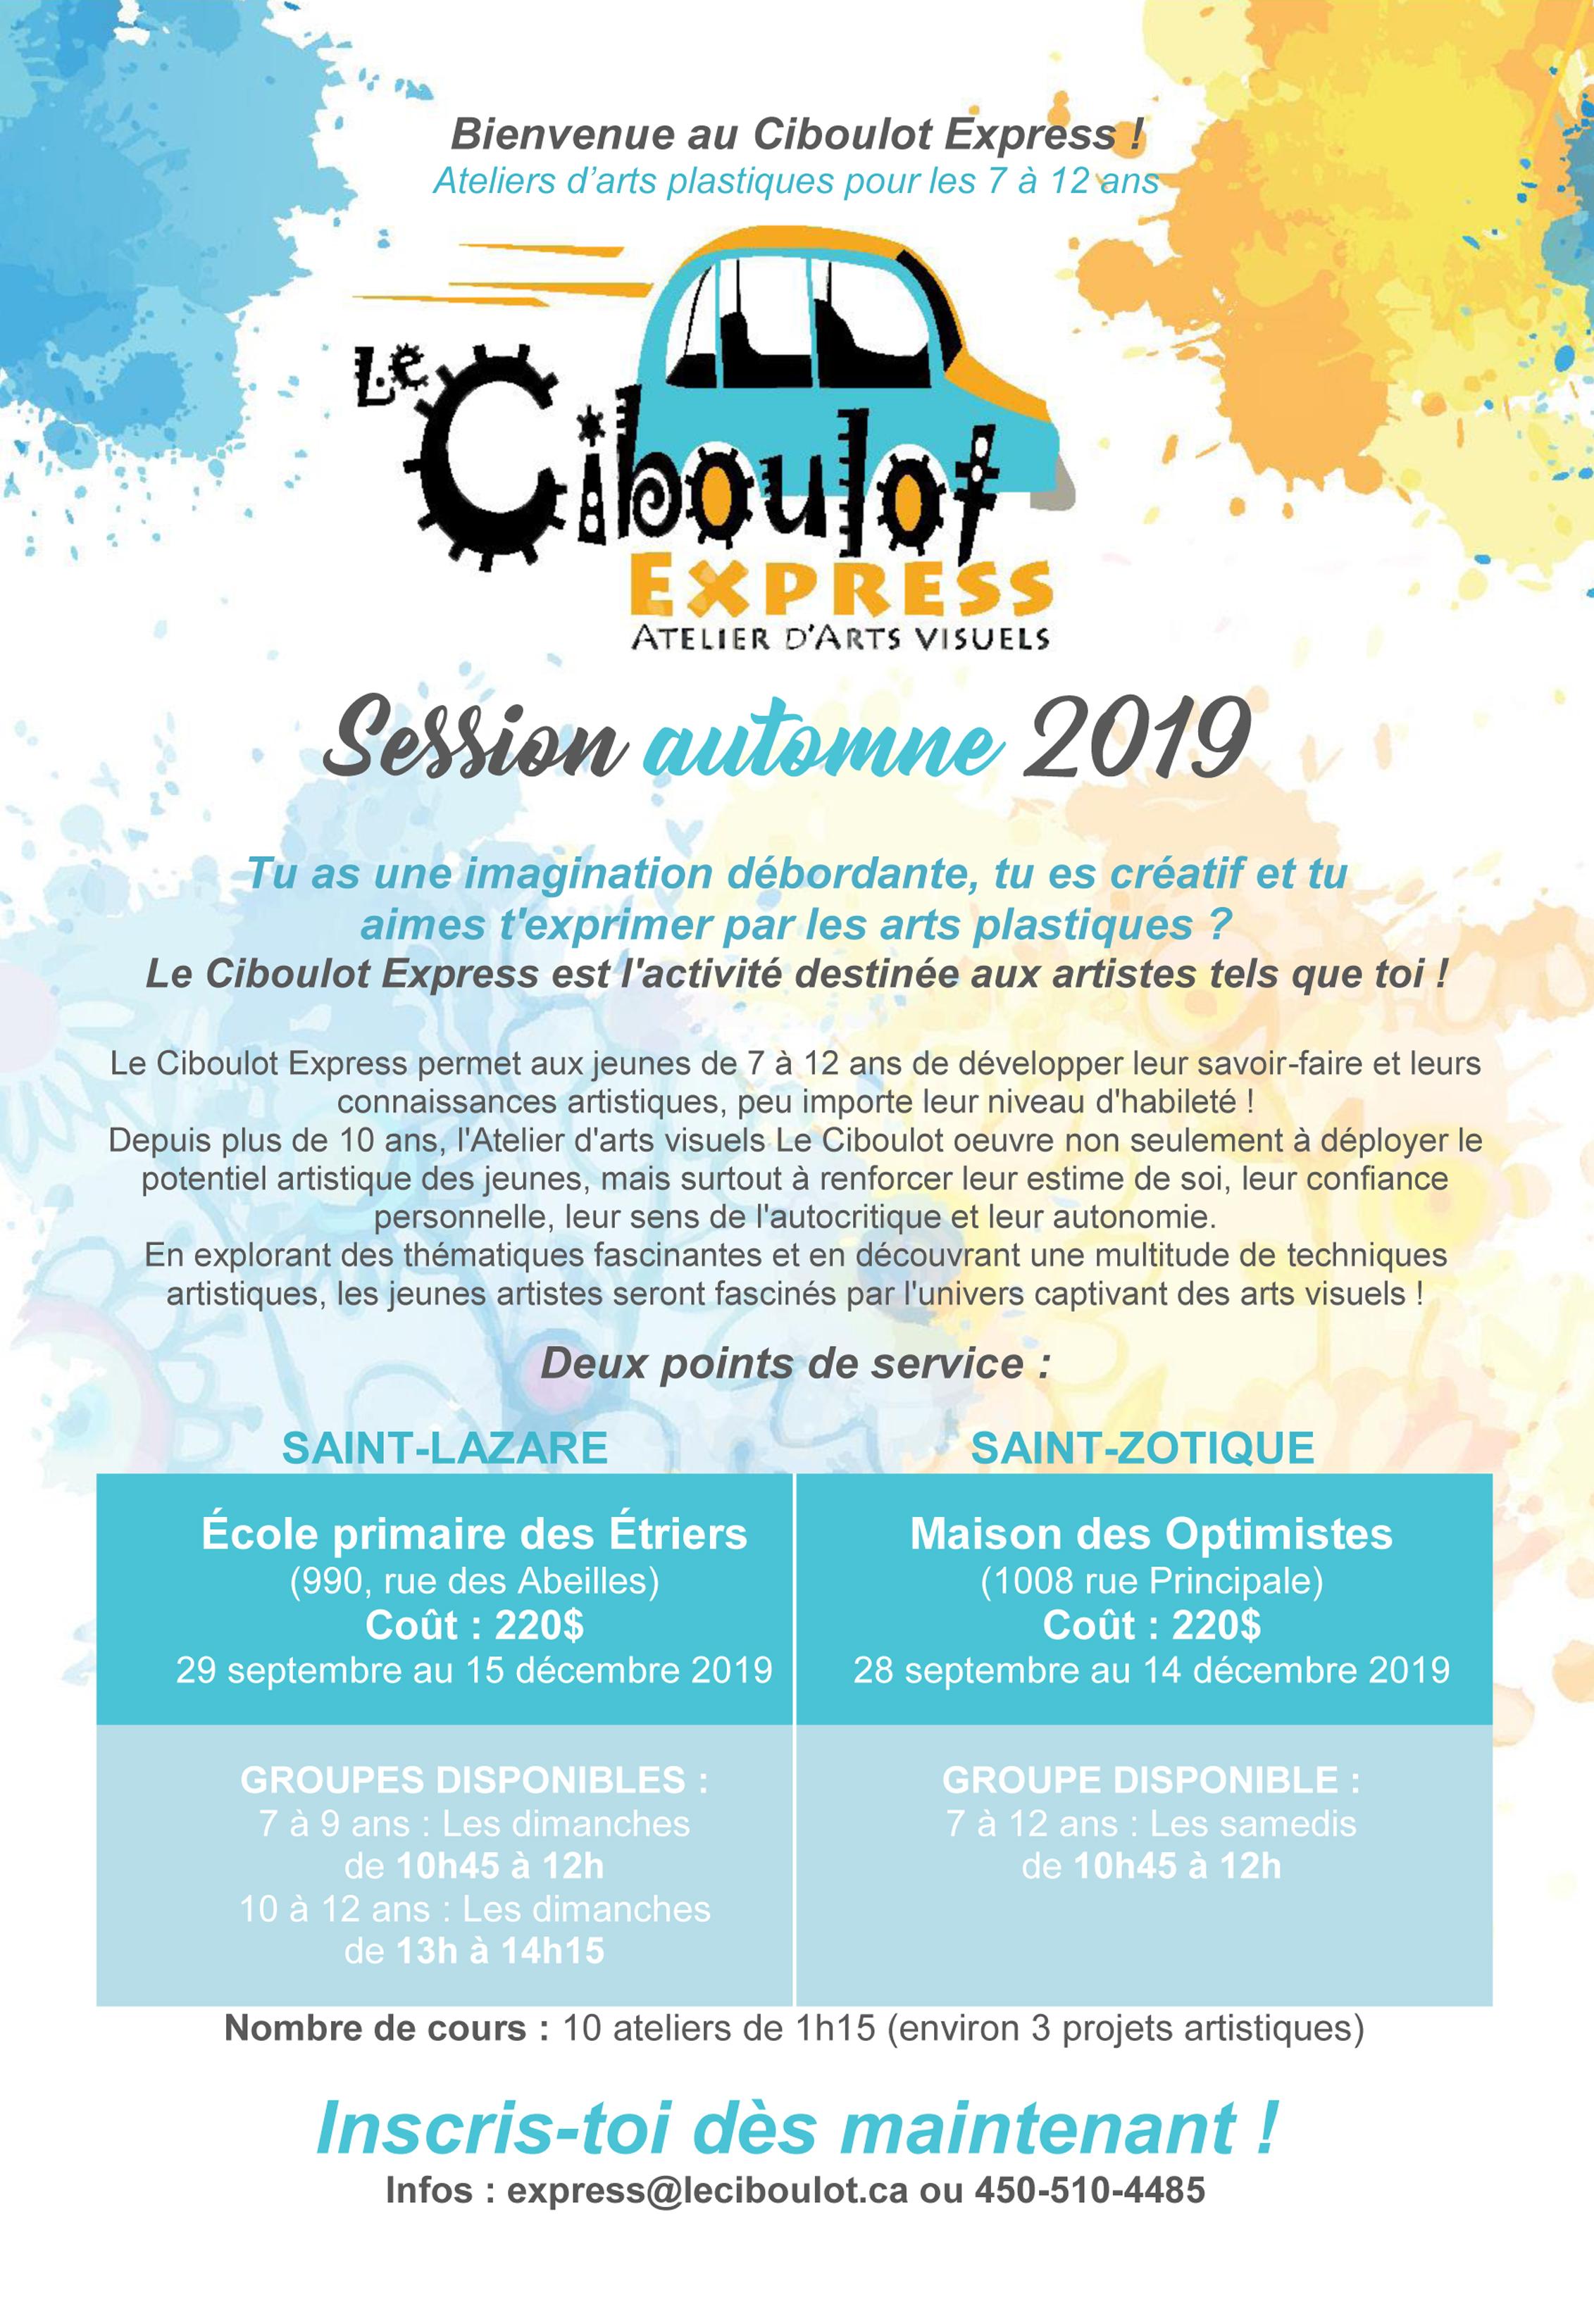 Ciboulot Express